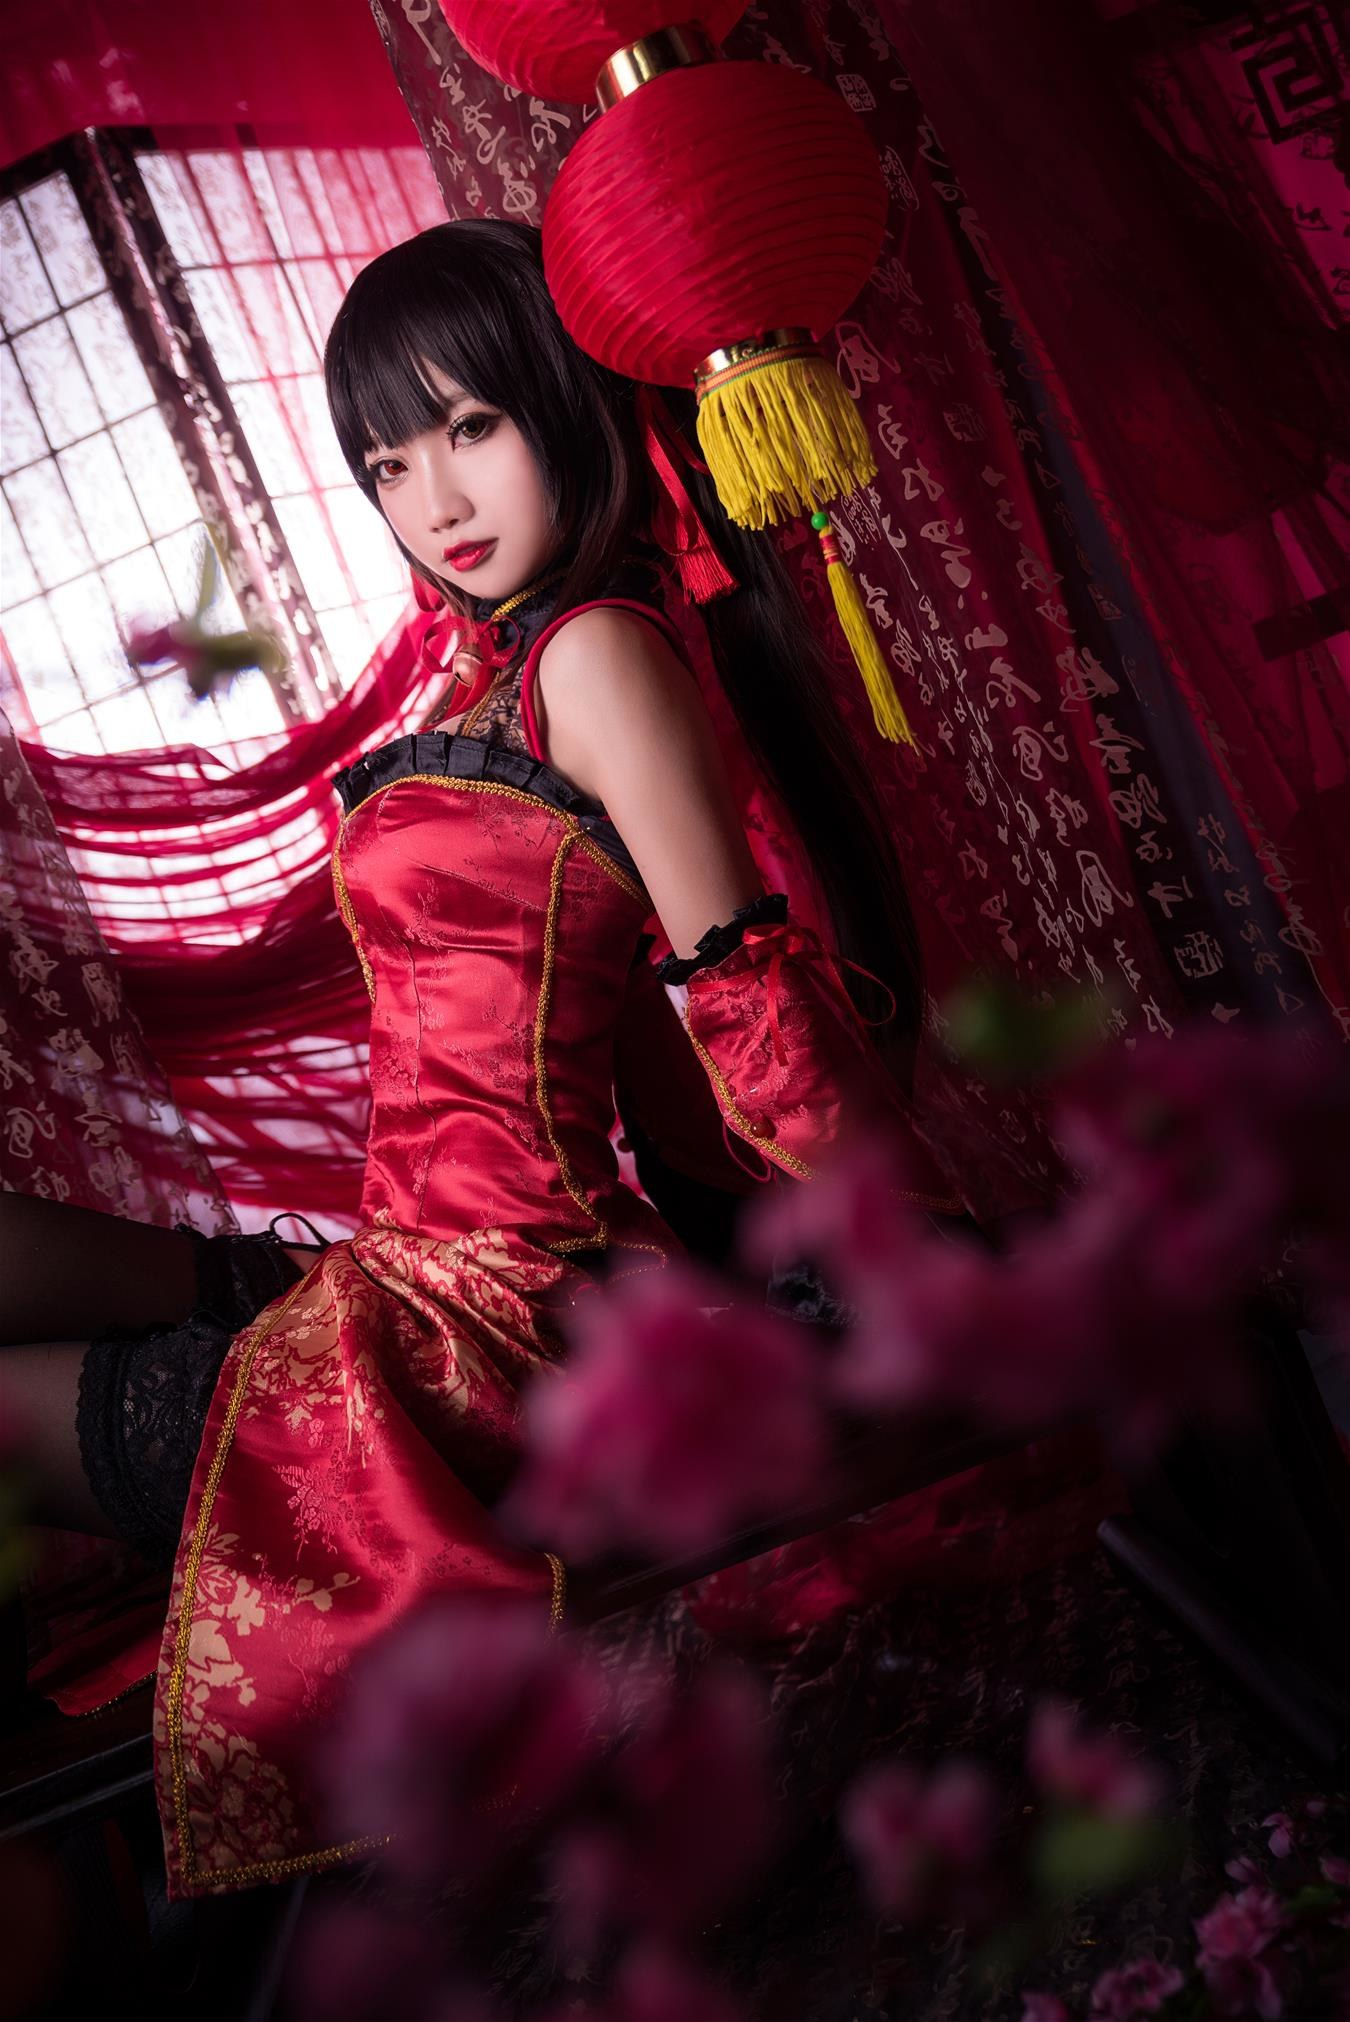 鬼畜瑶在不在w 时崎狂三新年旗袍 [22P-415MB] 网红少女-第2张